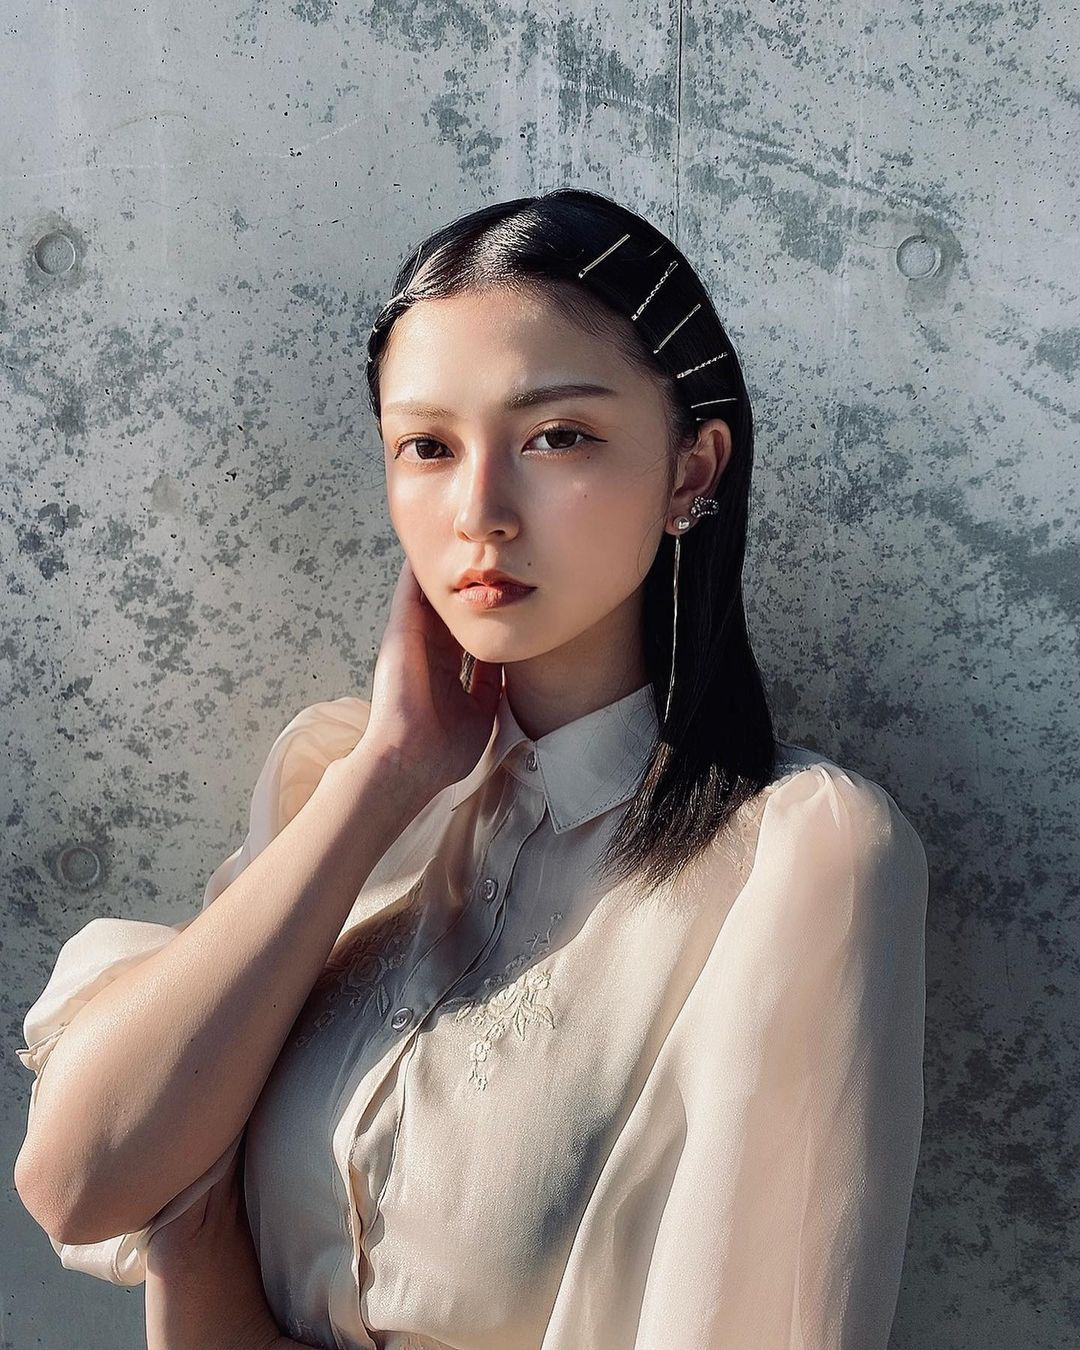 今年刚高中毕业 18 岁美少女樱井音乃身材整个无敌 网络美女 第24张